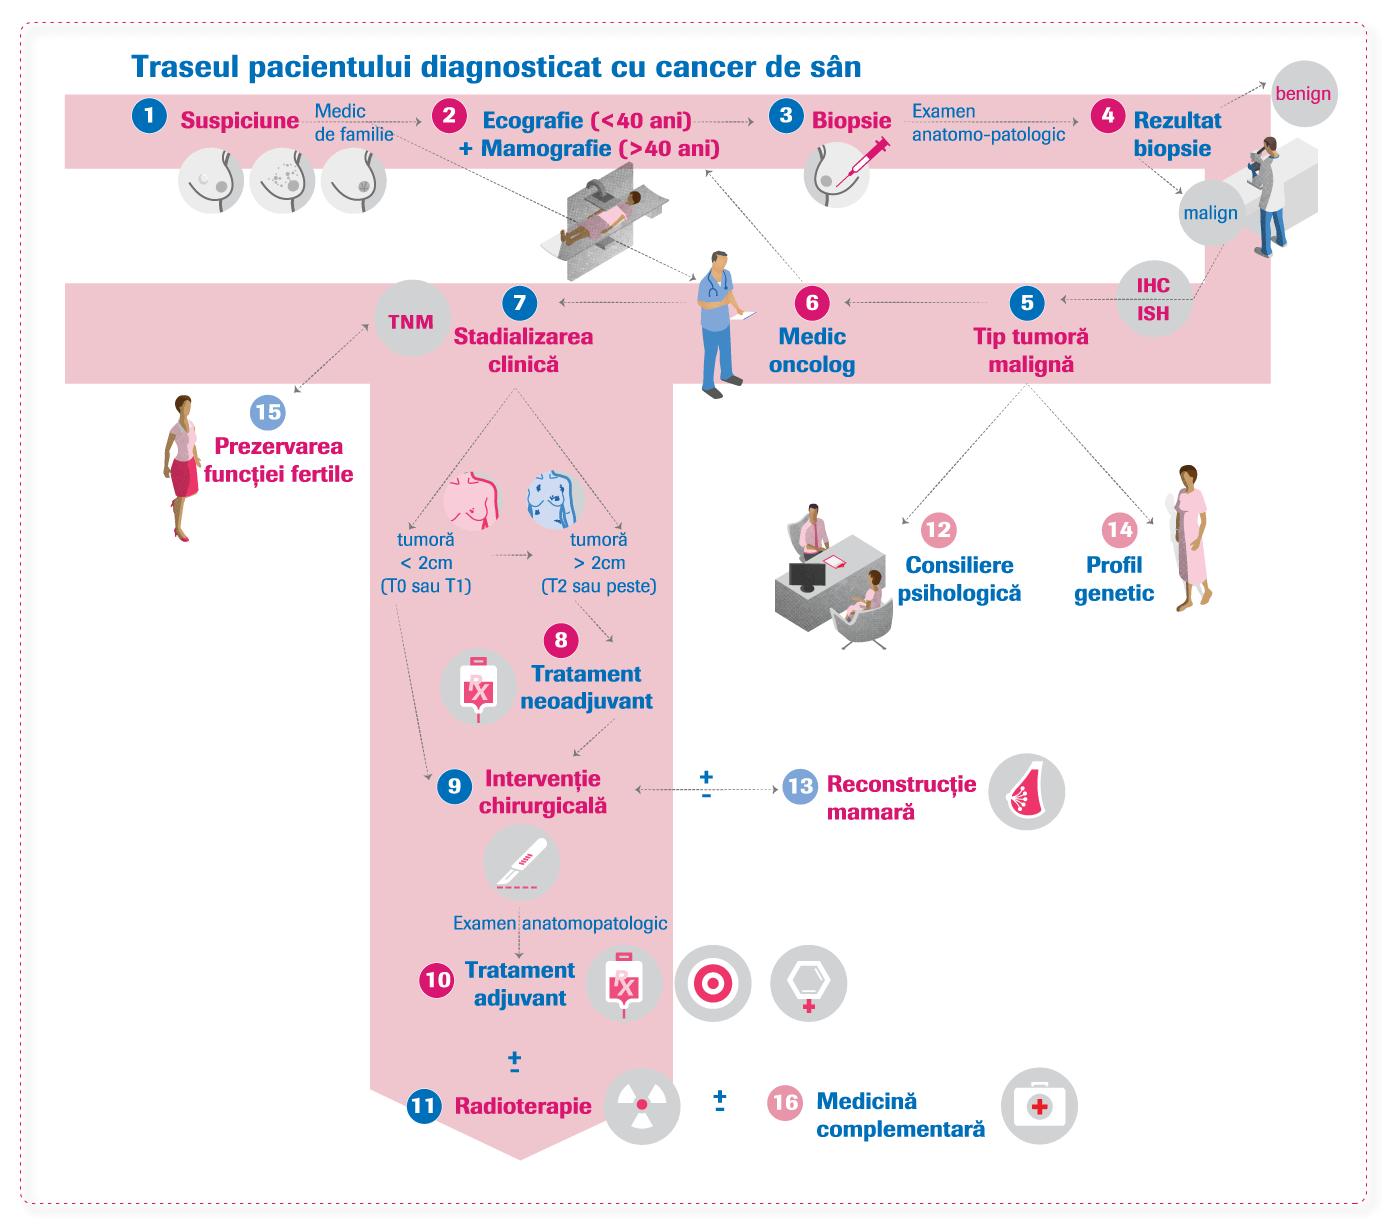 Traseul pacientului diagnosticat cu cancer de sân